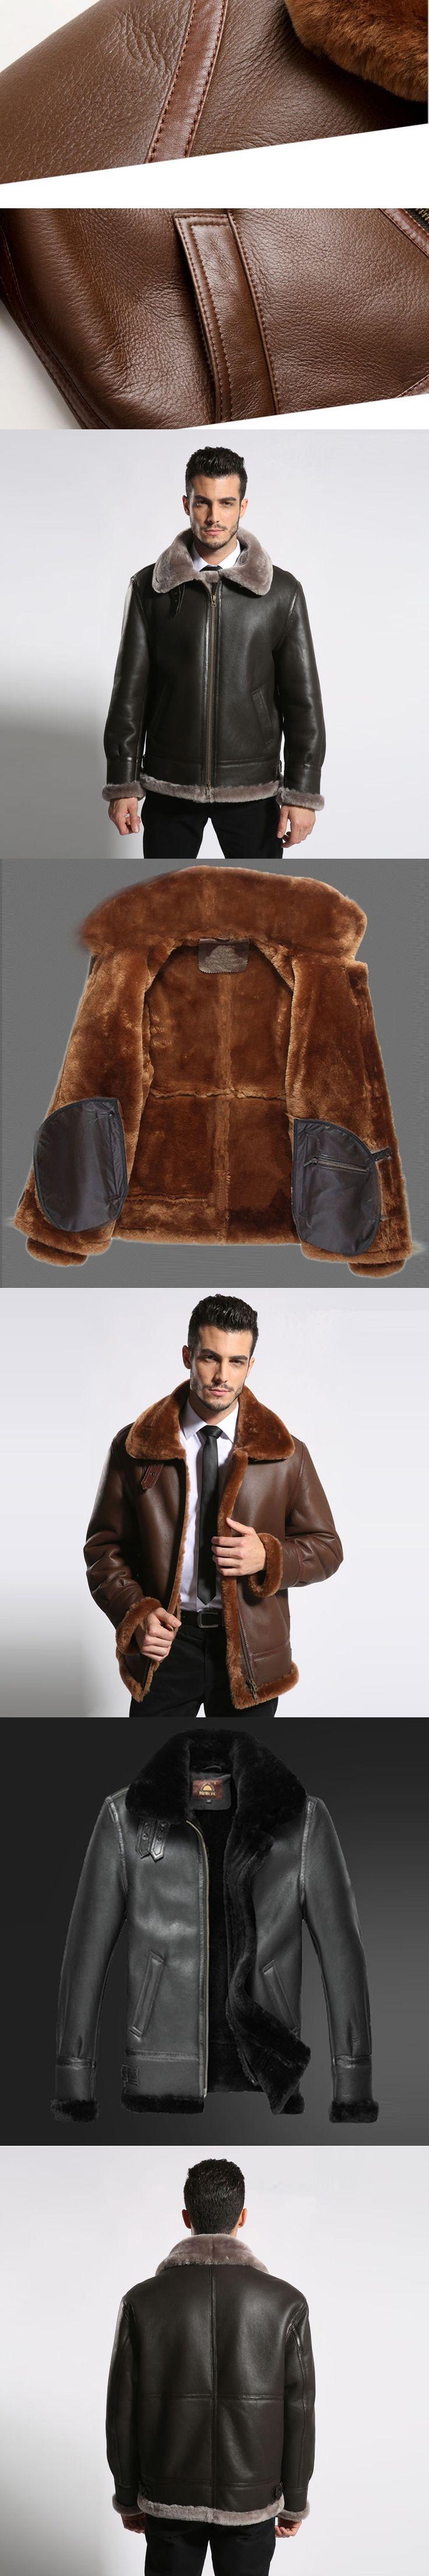 Men's Shearling Jacket  Australian Sheep Skin Outerwear Men Flight Jacket Genuine Leather Pilot Leather Jacket  TJ42